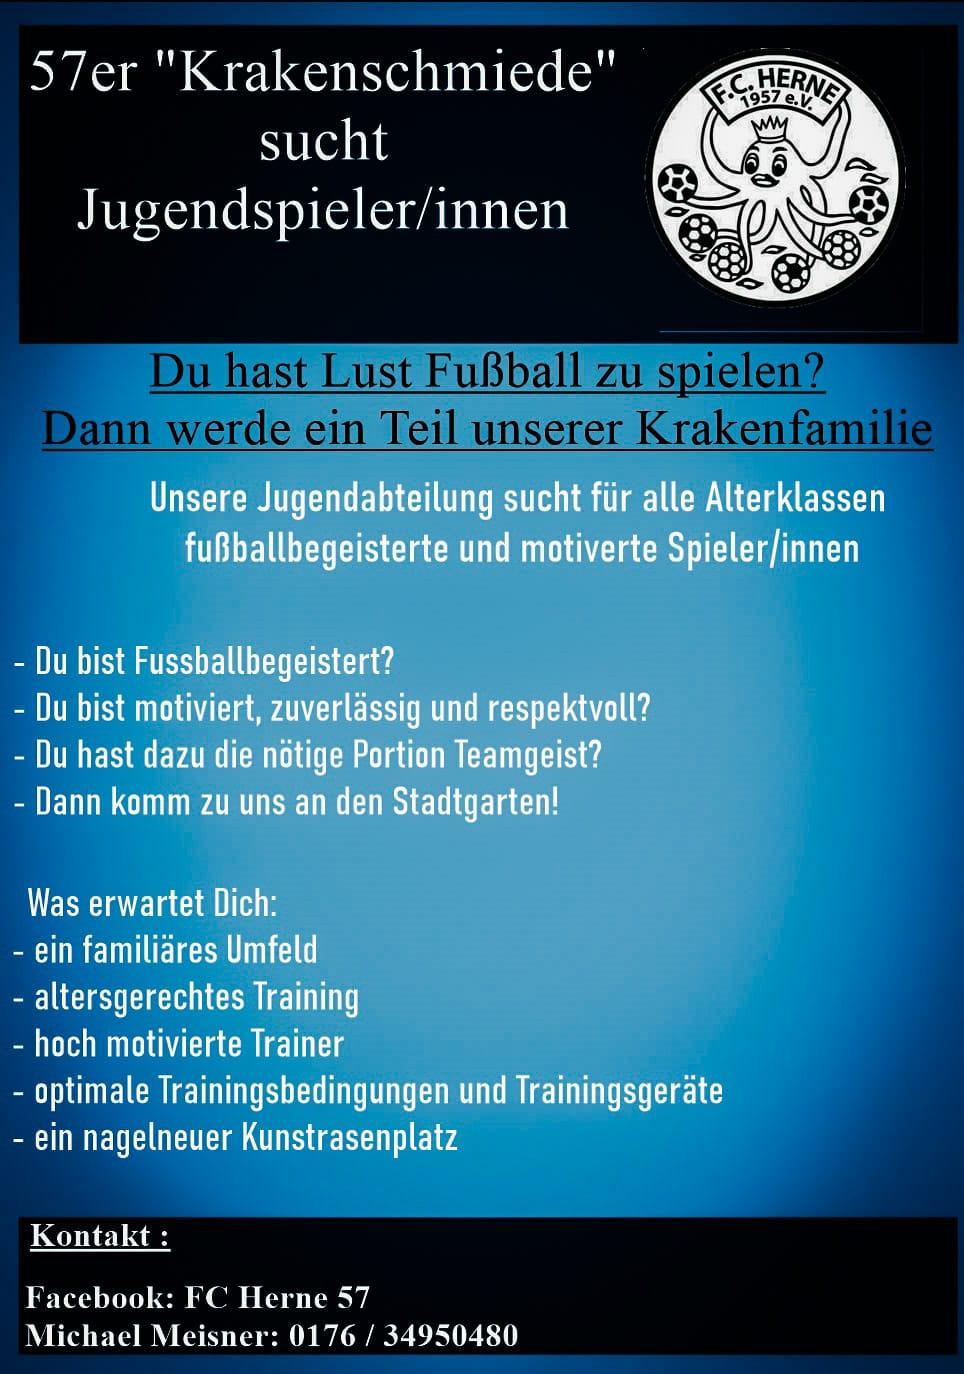 """57er """"Krakenschmiede"""" sucht Jugendspieler/innen"""